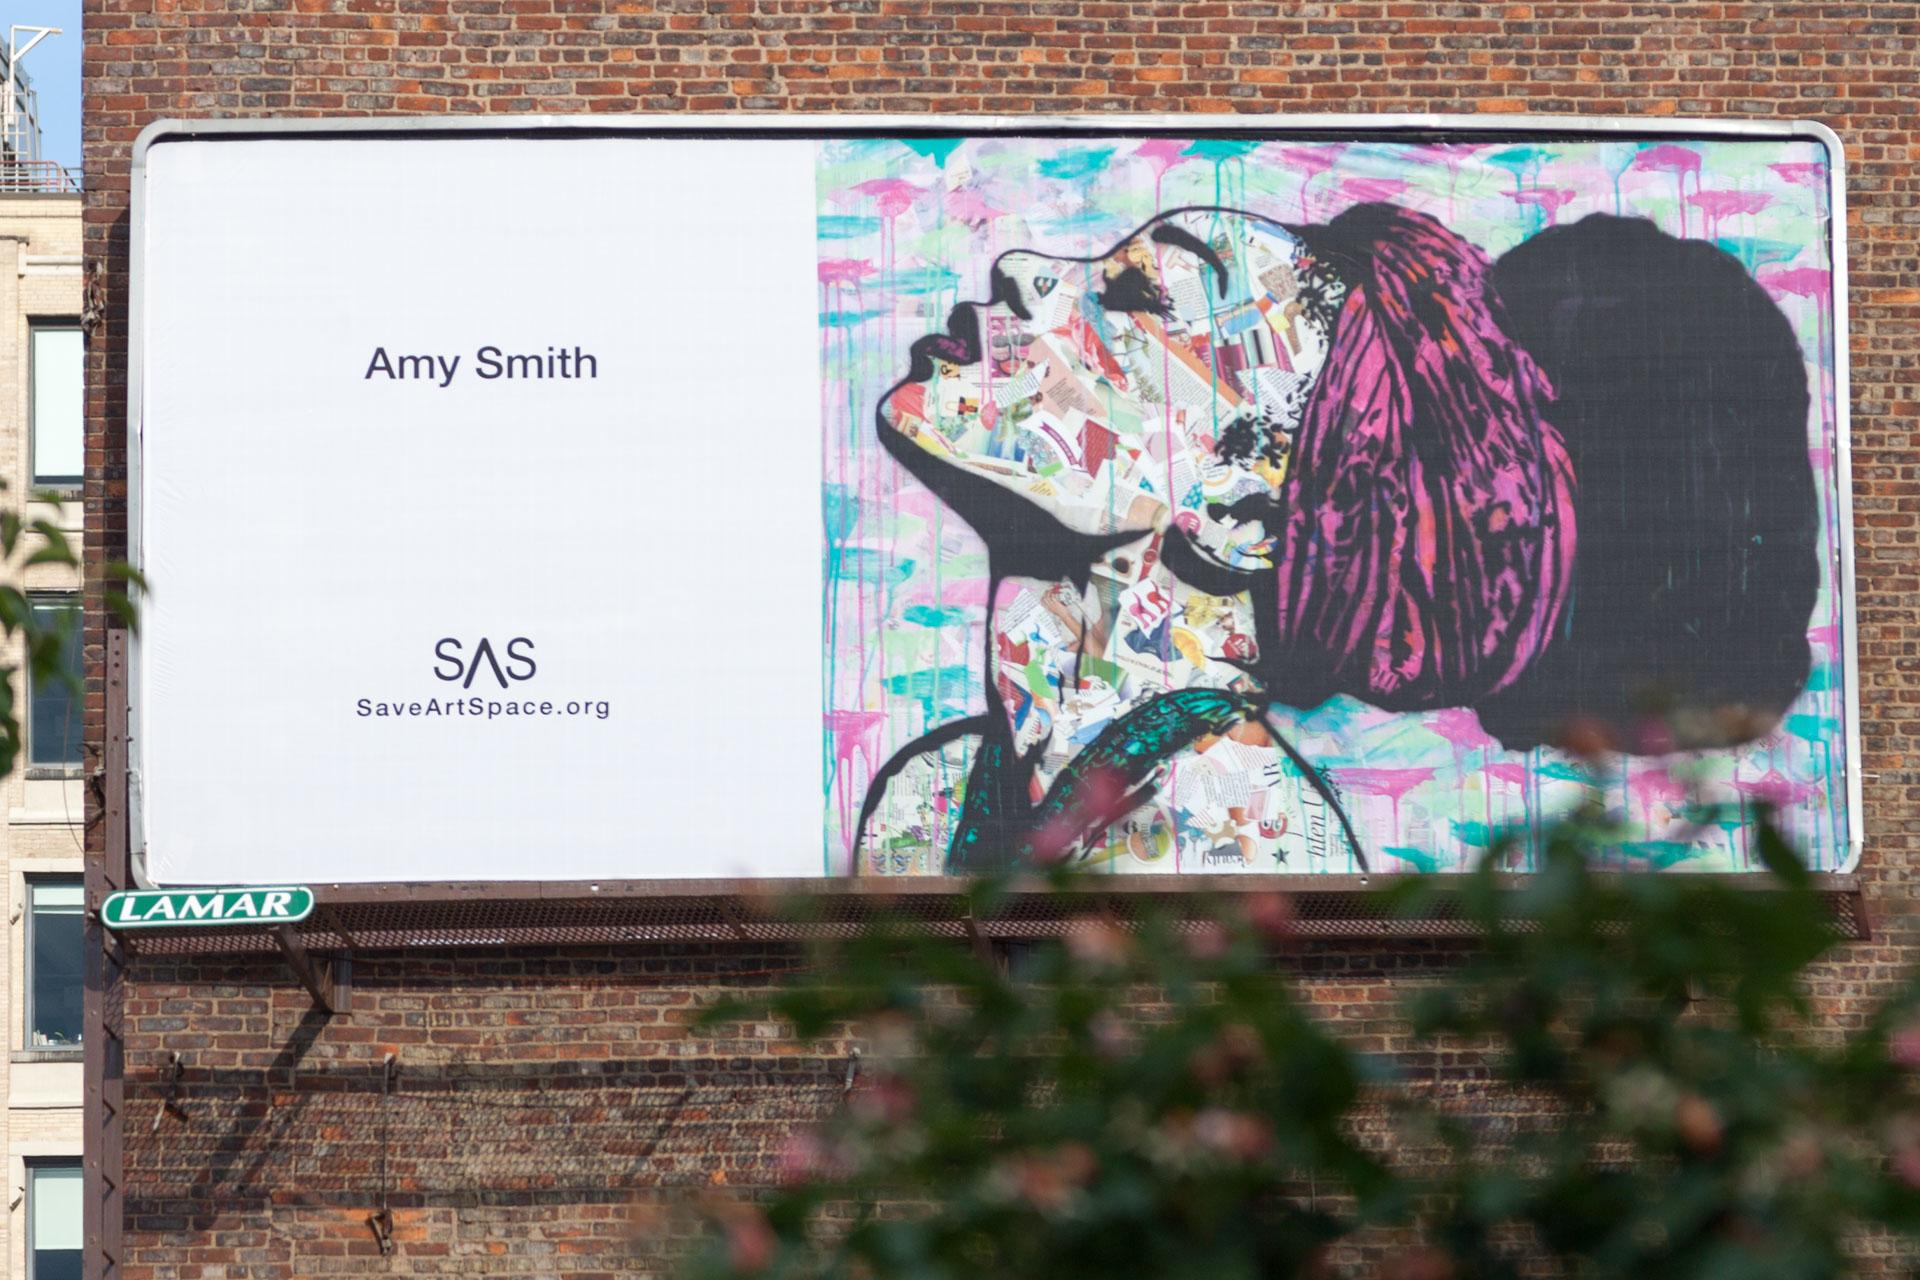 AmySmith6.72.jpg